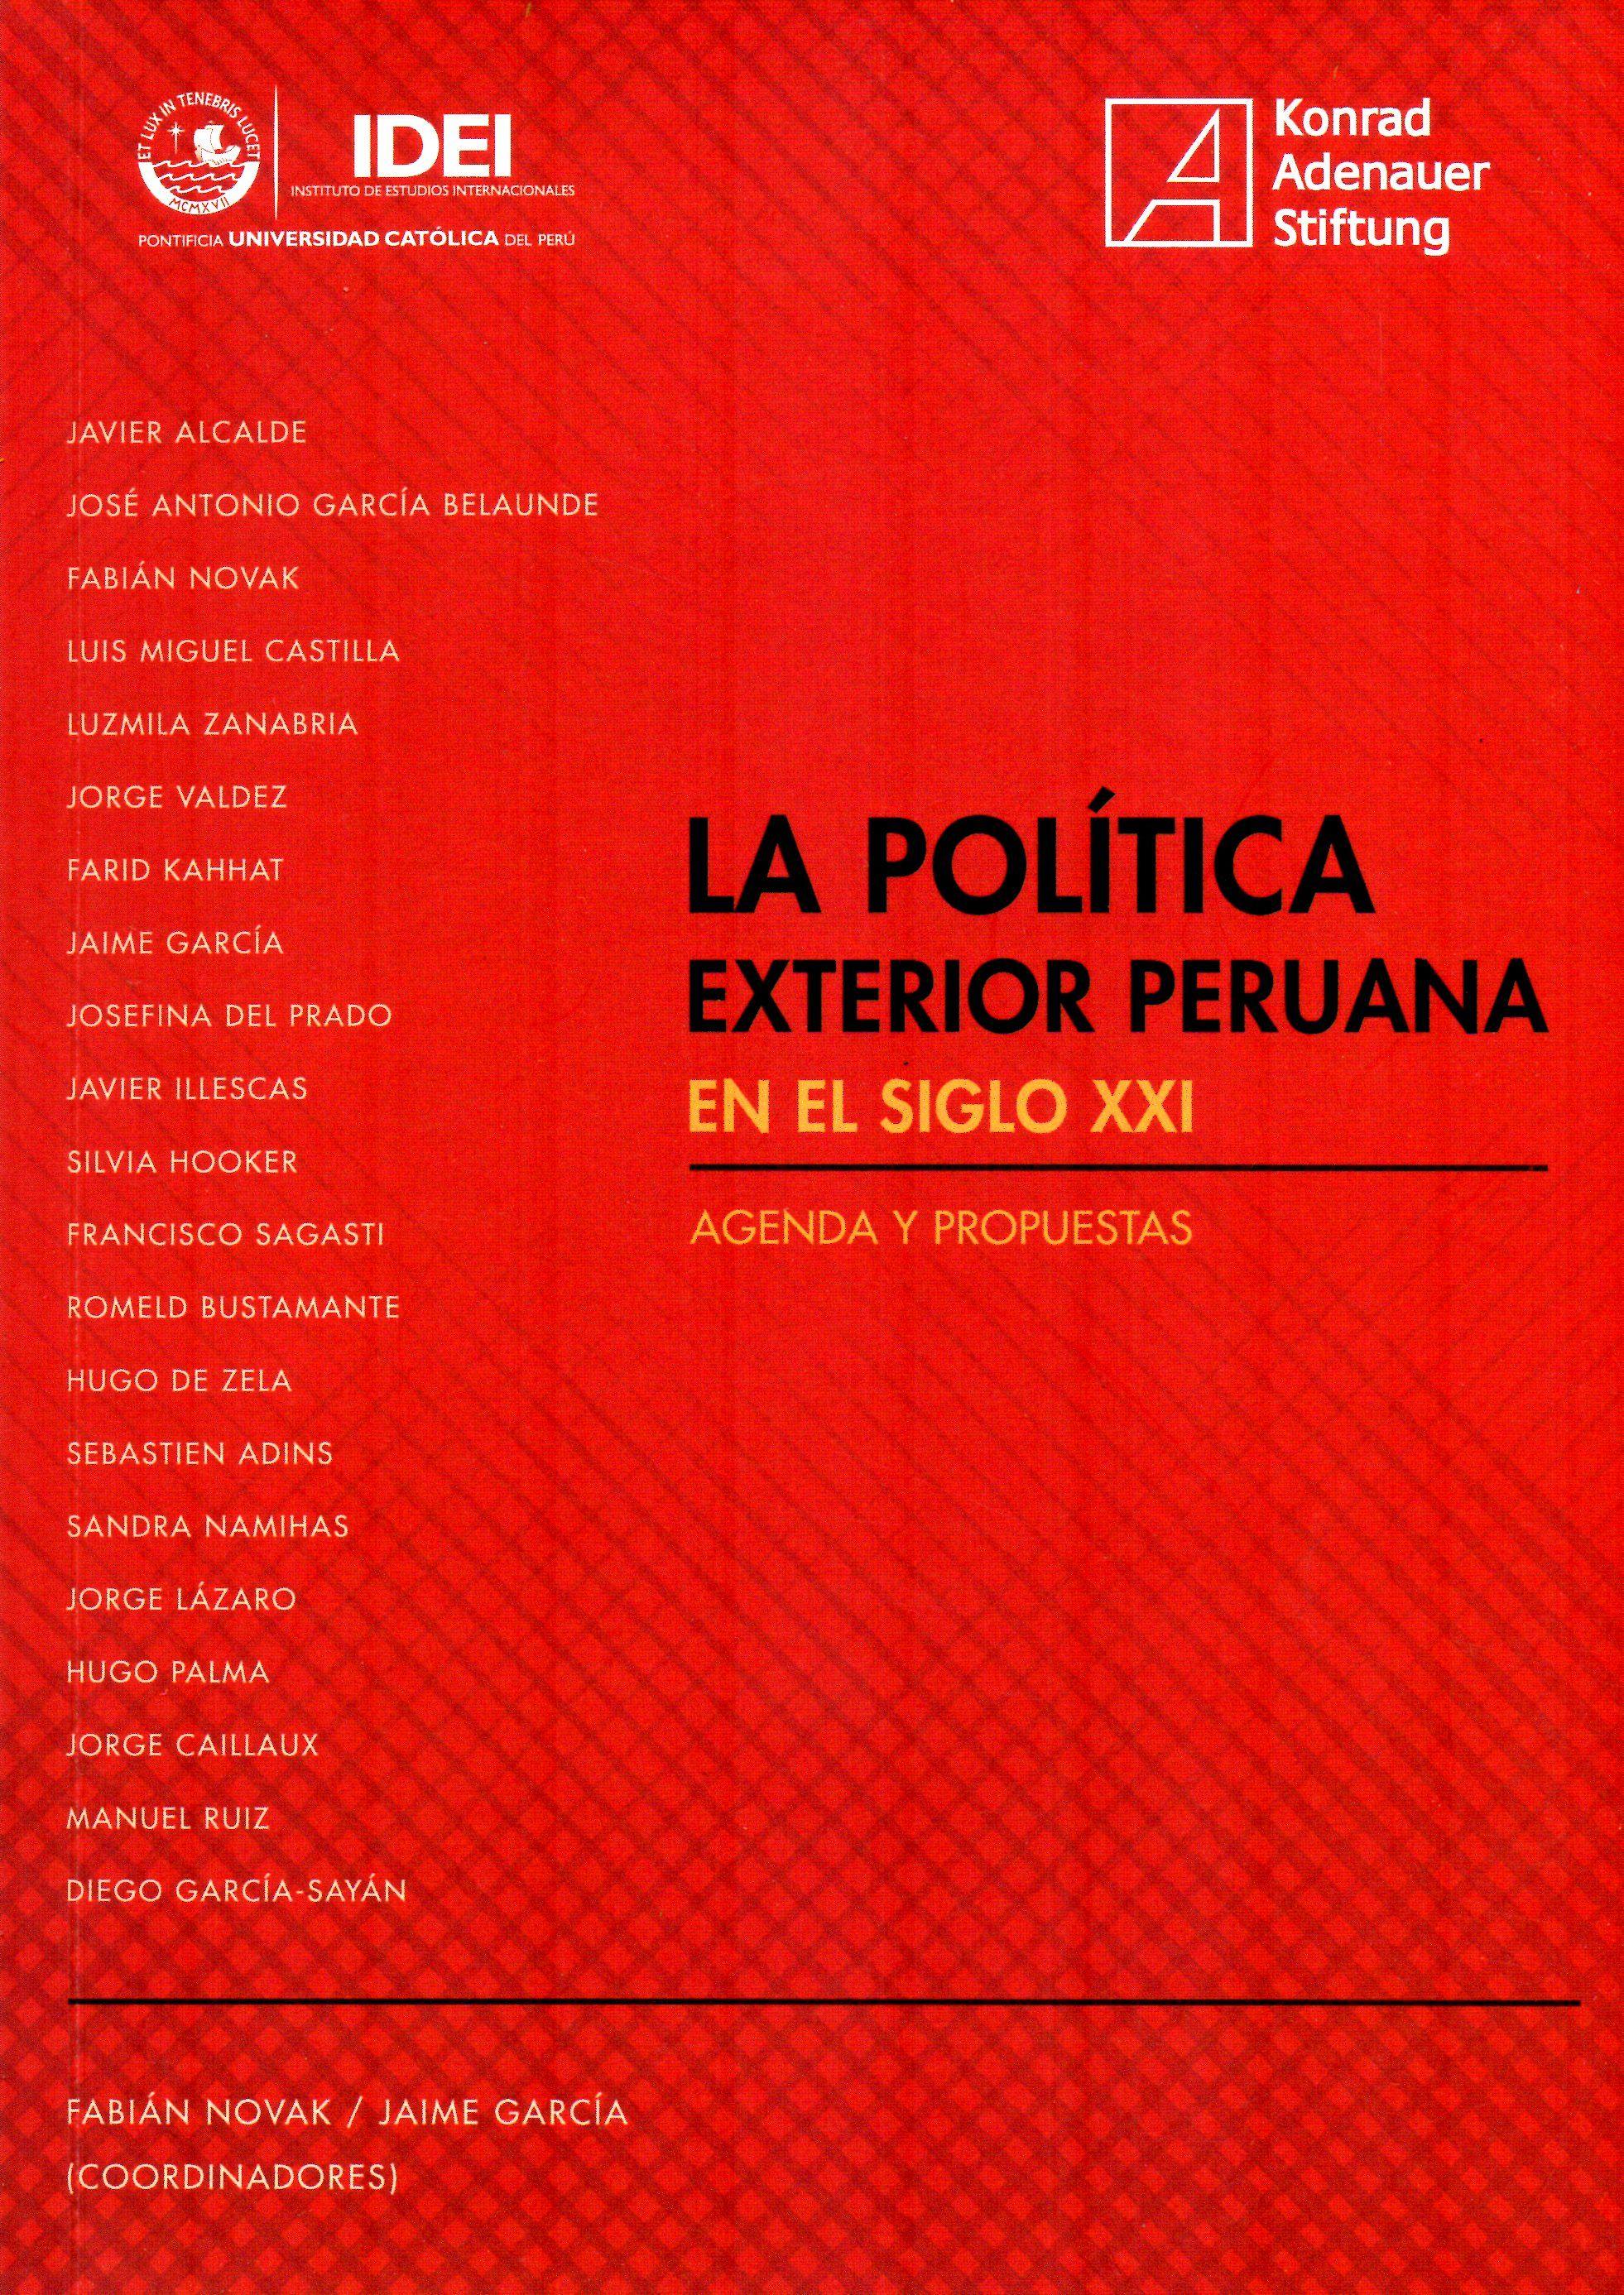 La política exterior peruana en el siglo XXI: agenda y propuestas/ Javier Alcalde ... [et al.](PUCP. Pontificia Universidad Católica del Perú: Konrad Adenauer Stiftung, 2015.) /  JX 1539 P6